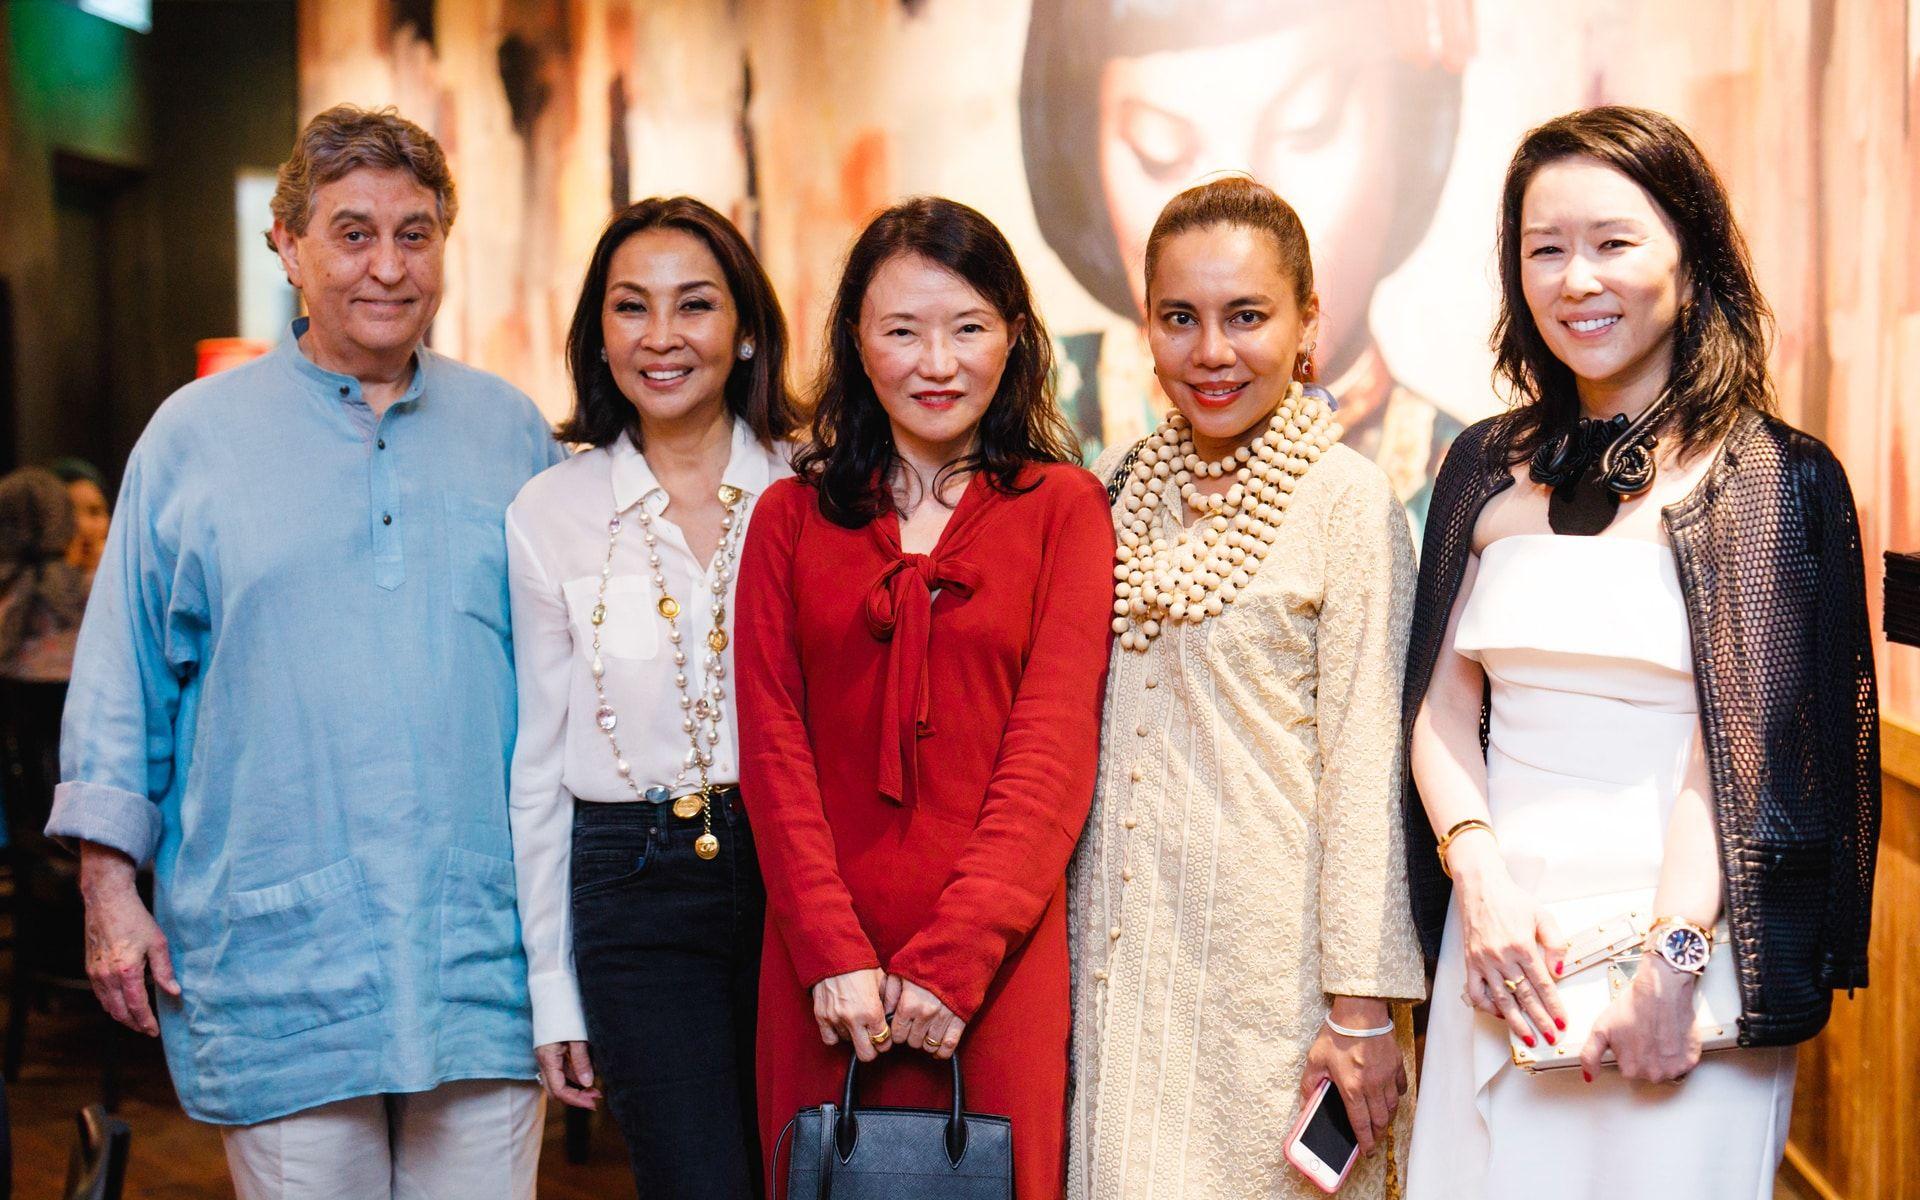 Dato' Nick Lough, Dato' Seri Farah Khan, Datin Merina Lough, Shireen Zainudin and Shawna Yap